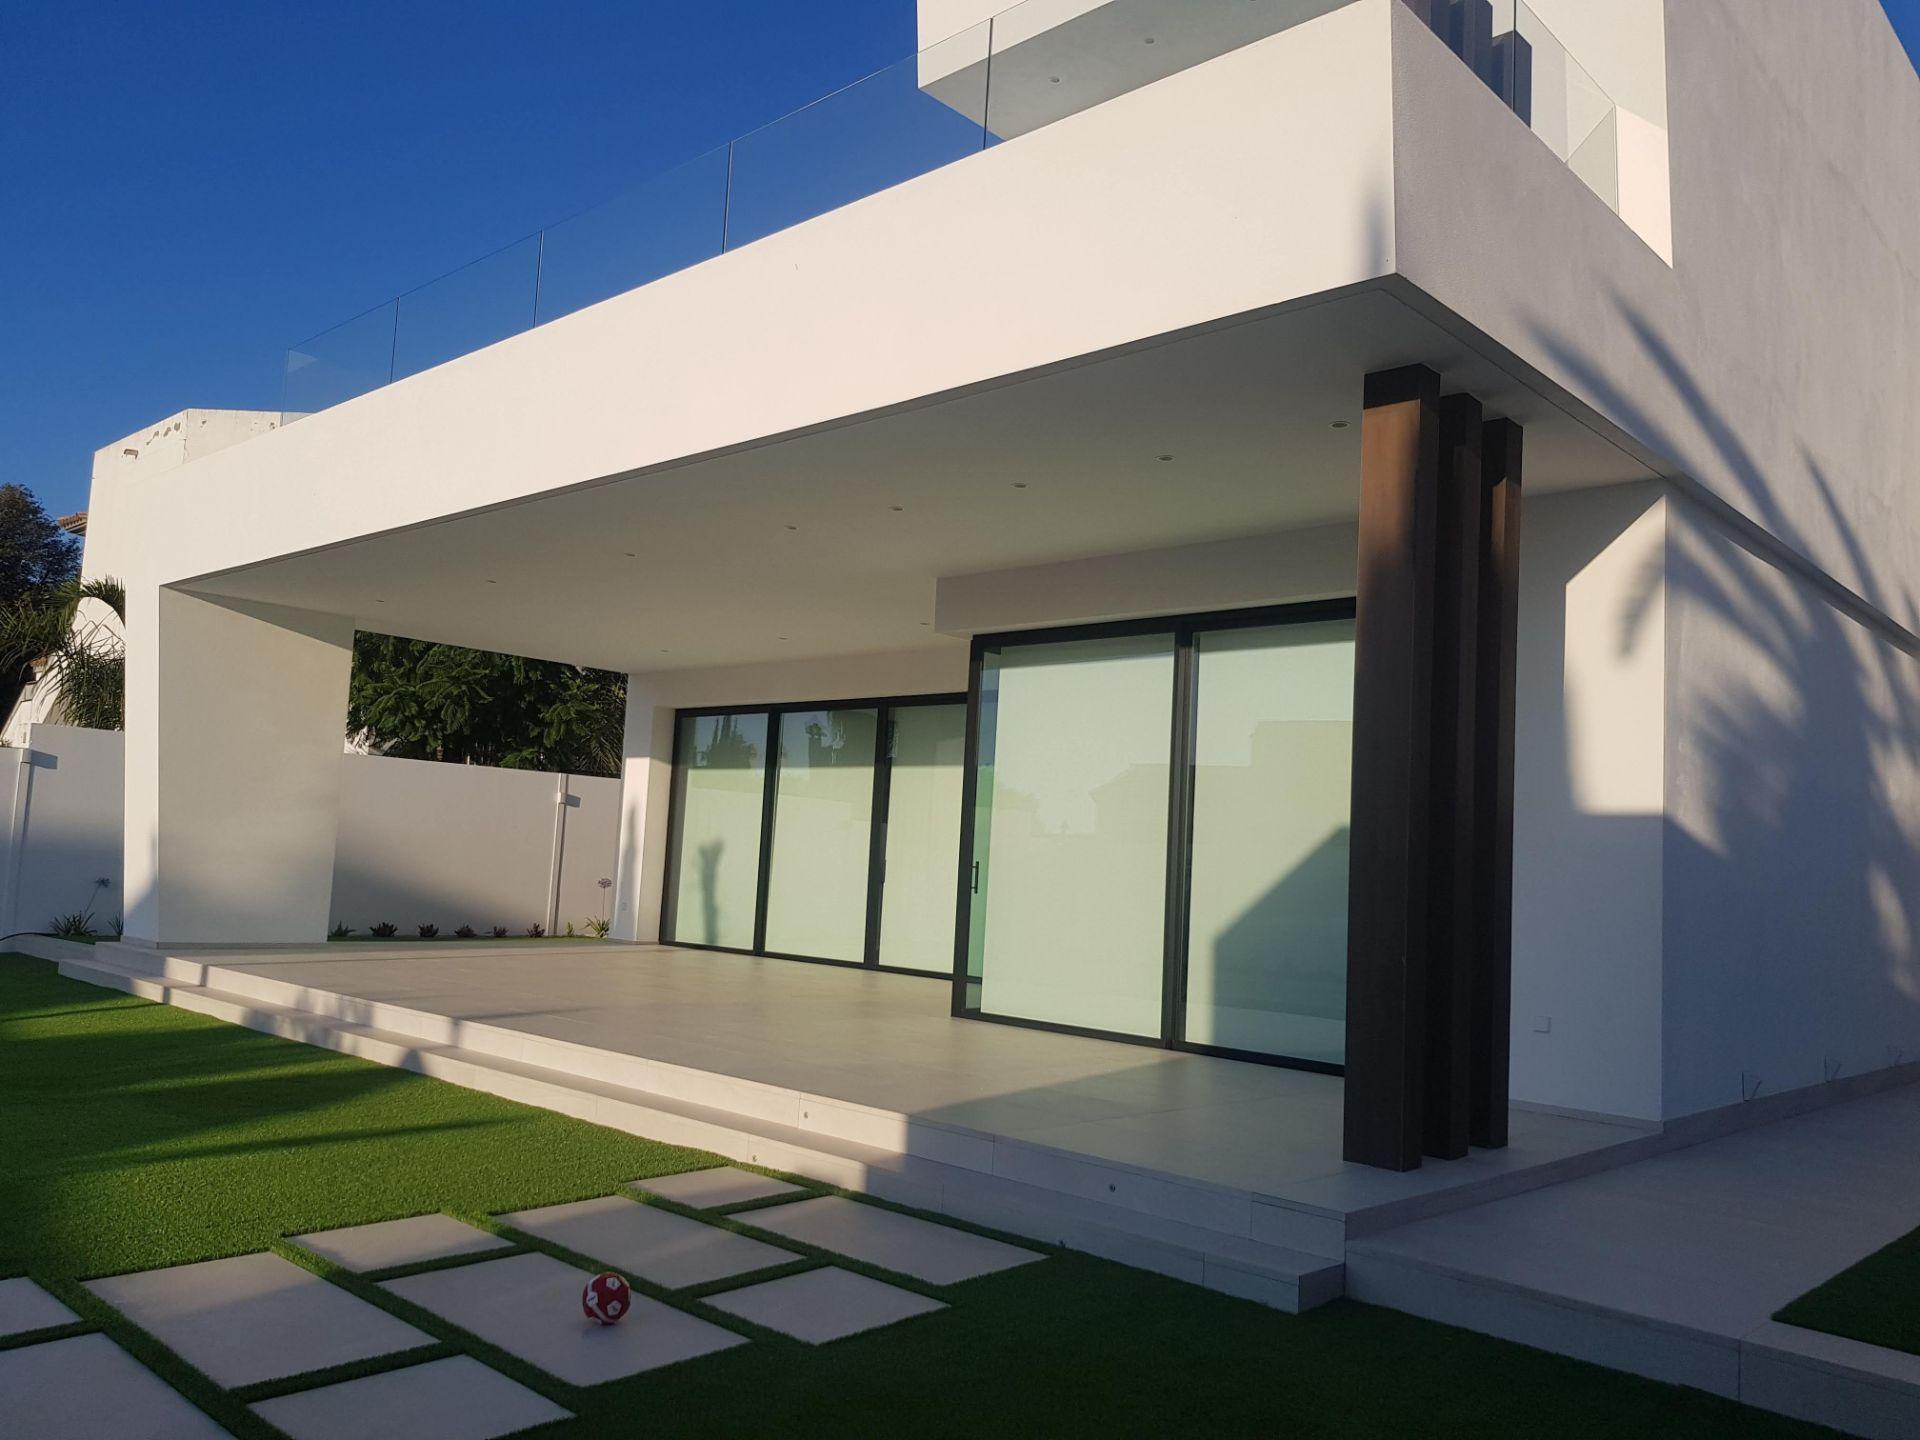 proyectos-interiorismo-interioristas-diseno-interiores-viviendas-particulares-casas-chalets-adosados-lujo-06